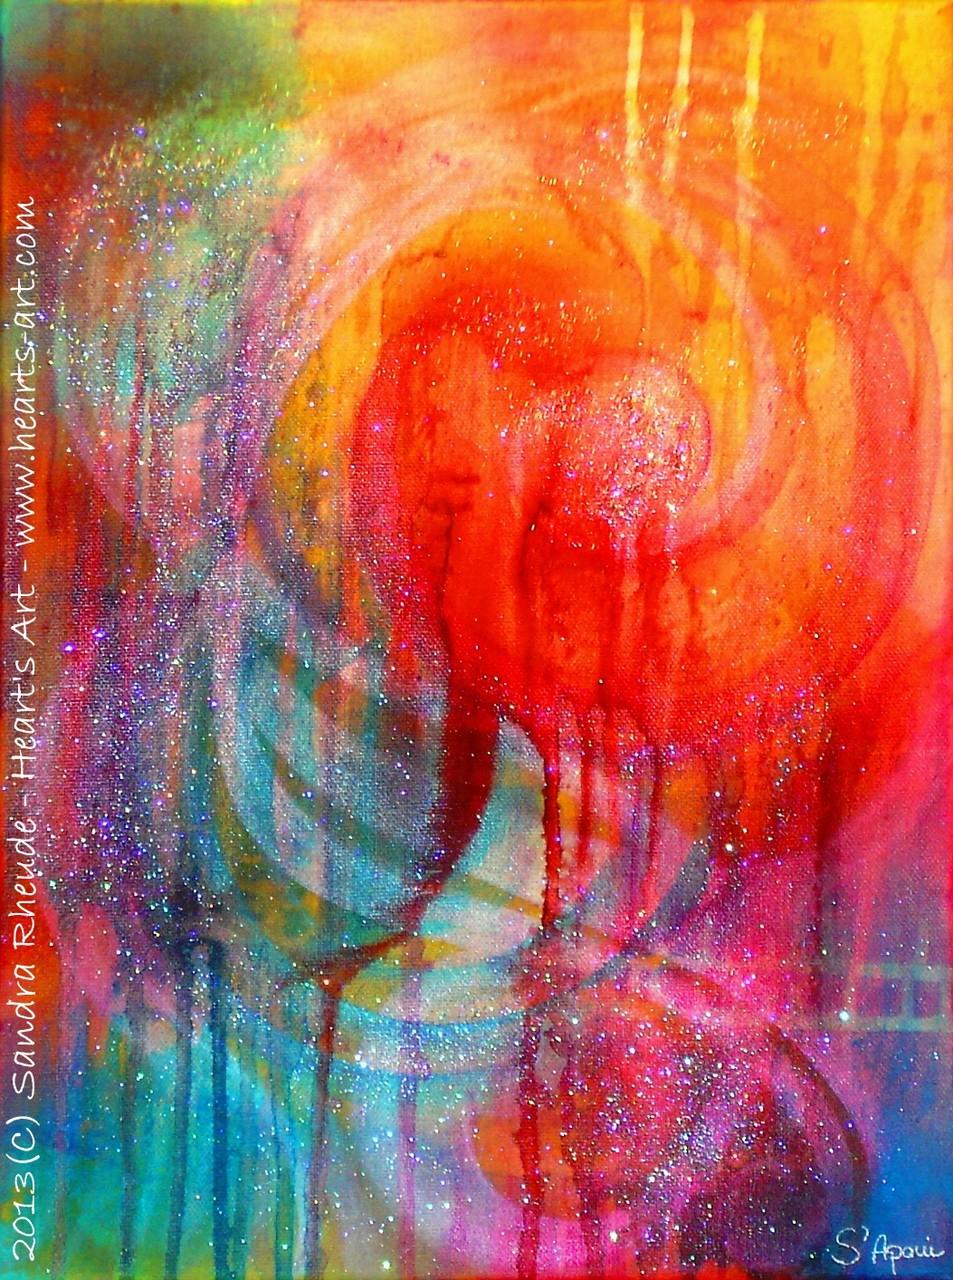 'Pain' - 2013/40 - Acryl auf Leinwand - 30 x 40 cm - verkauft